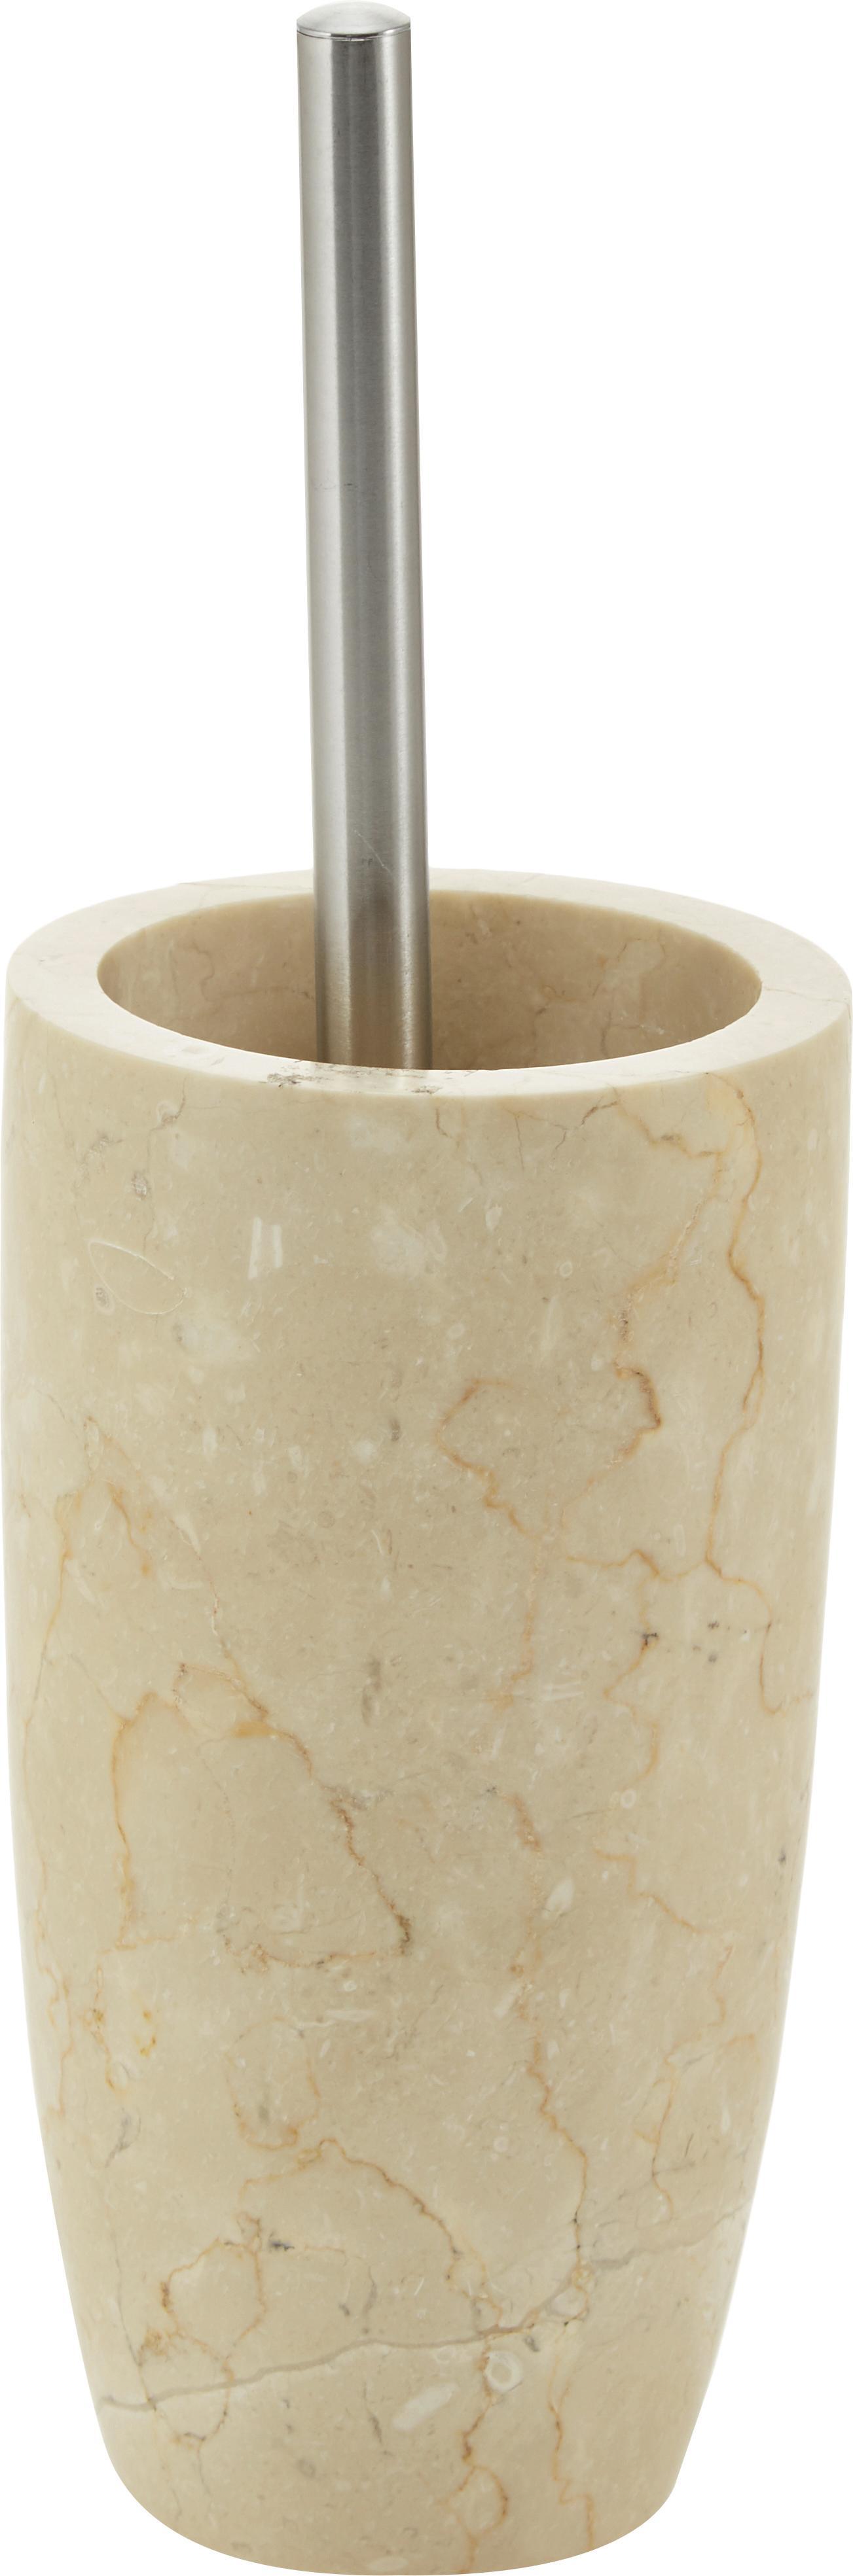 Marmor-Toilettenbürste Luxor, Griff: Rostfreier Stahl, Beige, Stahl, Ø 11 x H 36 cm